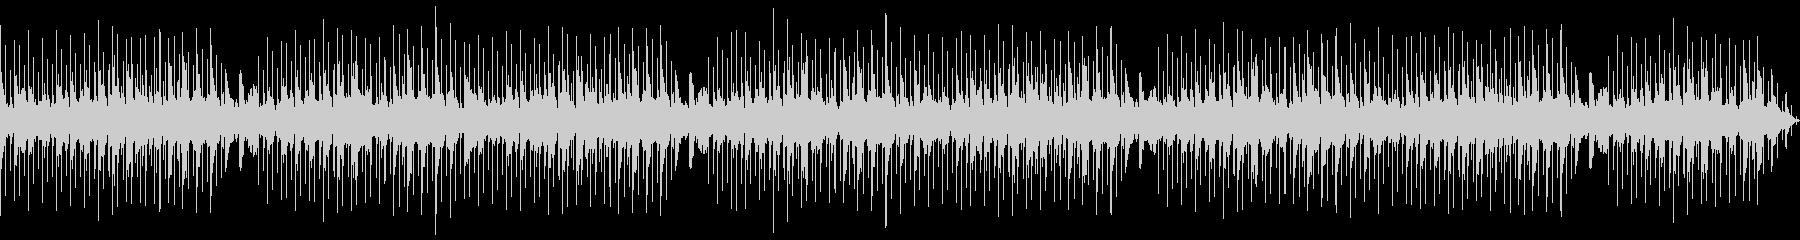 【主張しない背景音楽】ヒーリング2の未再生の波形